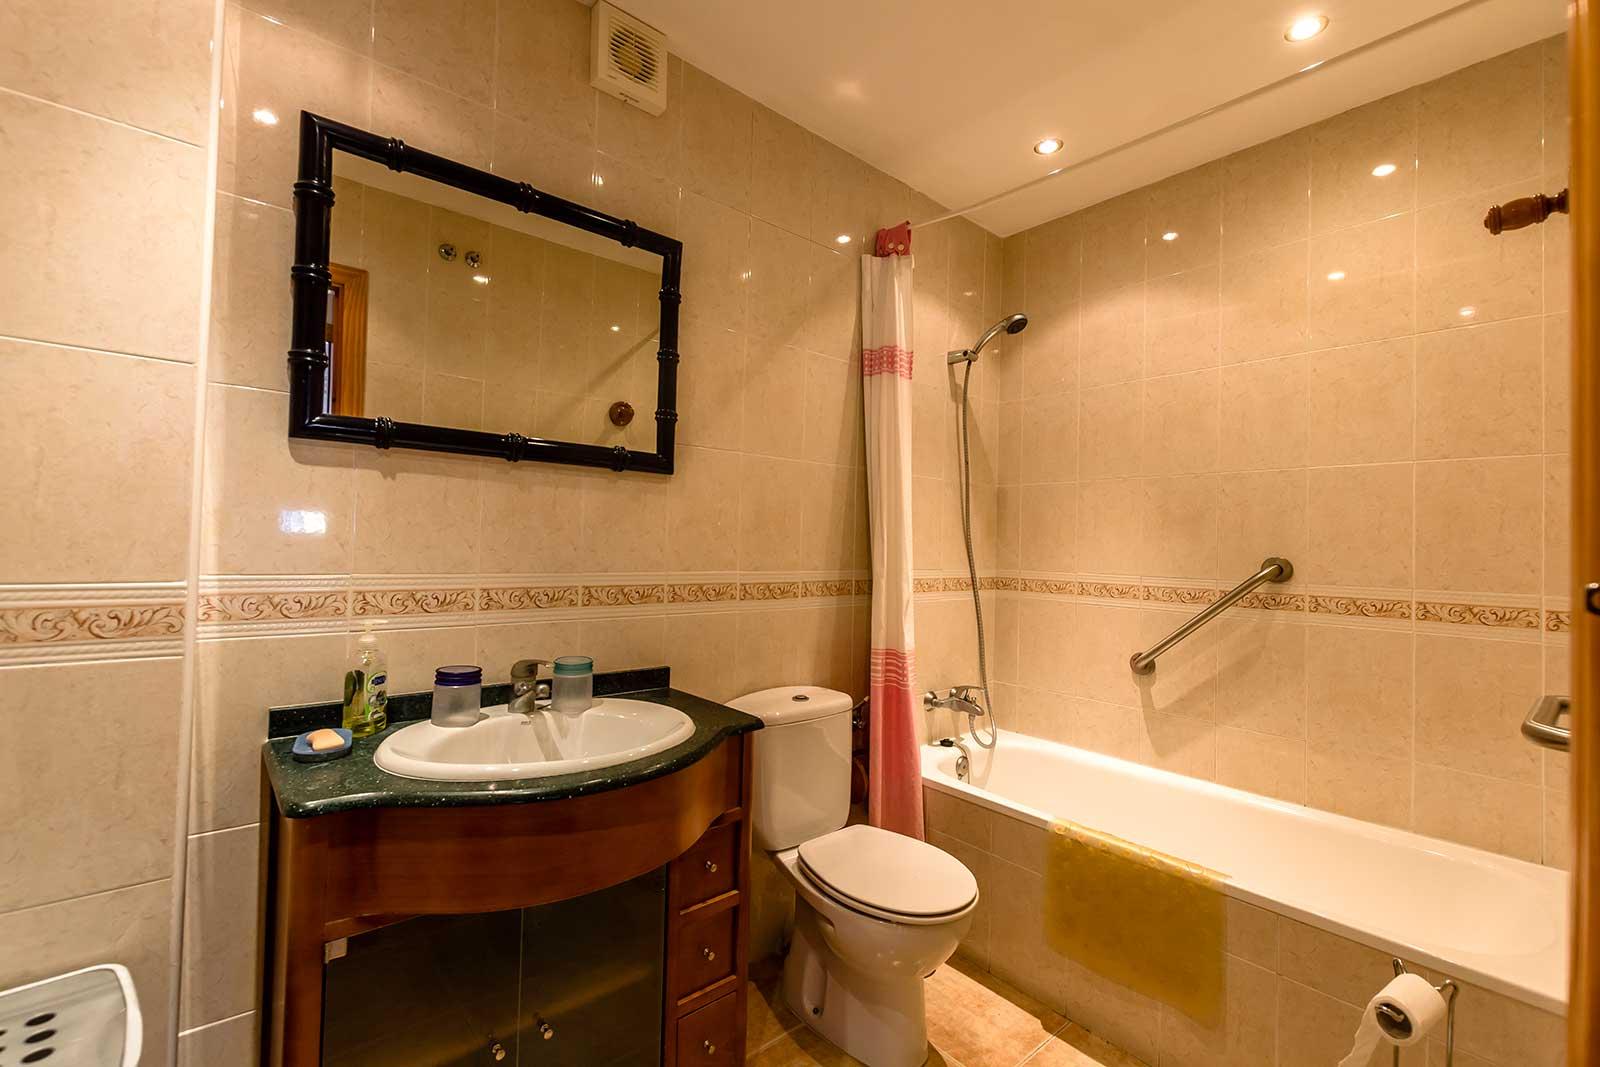 Carabeo2000-1_3 Bathroom